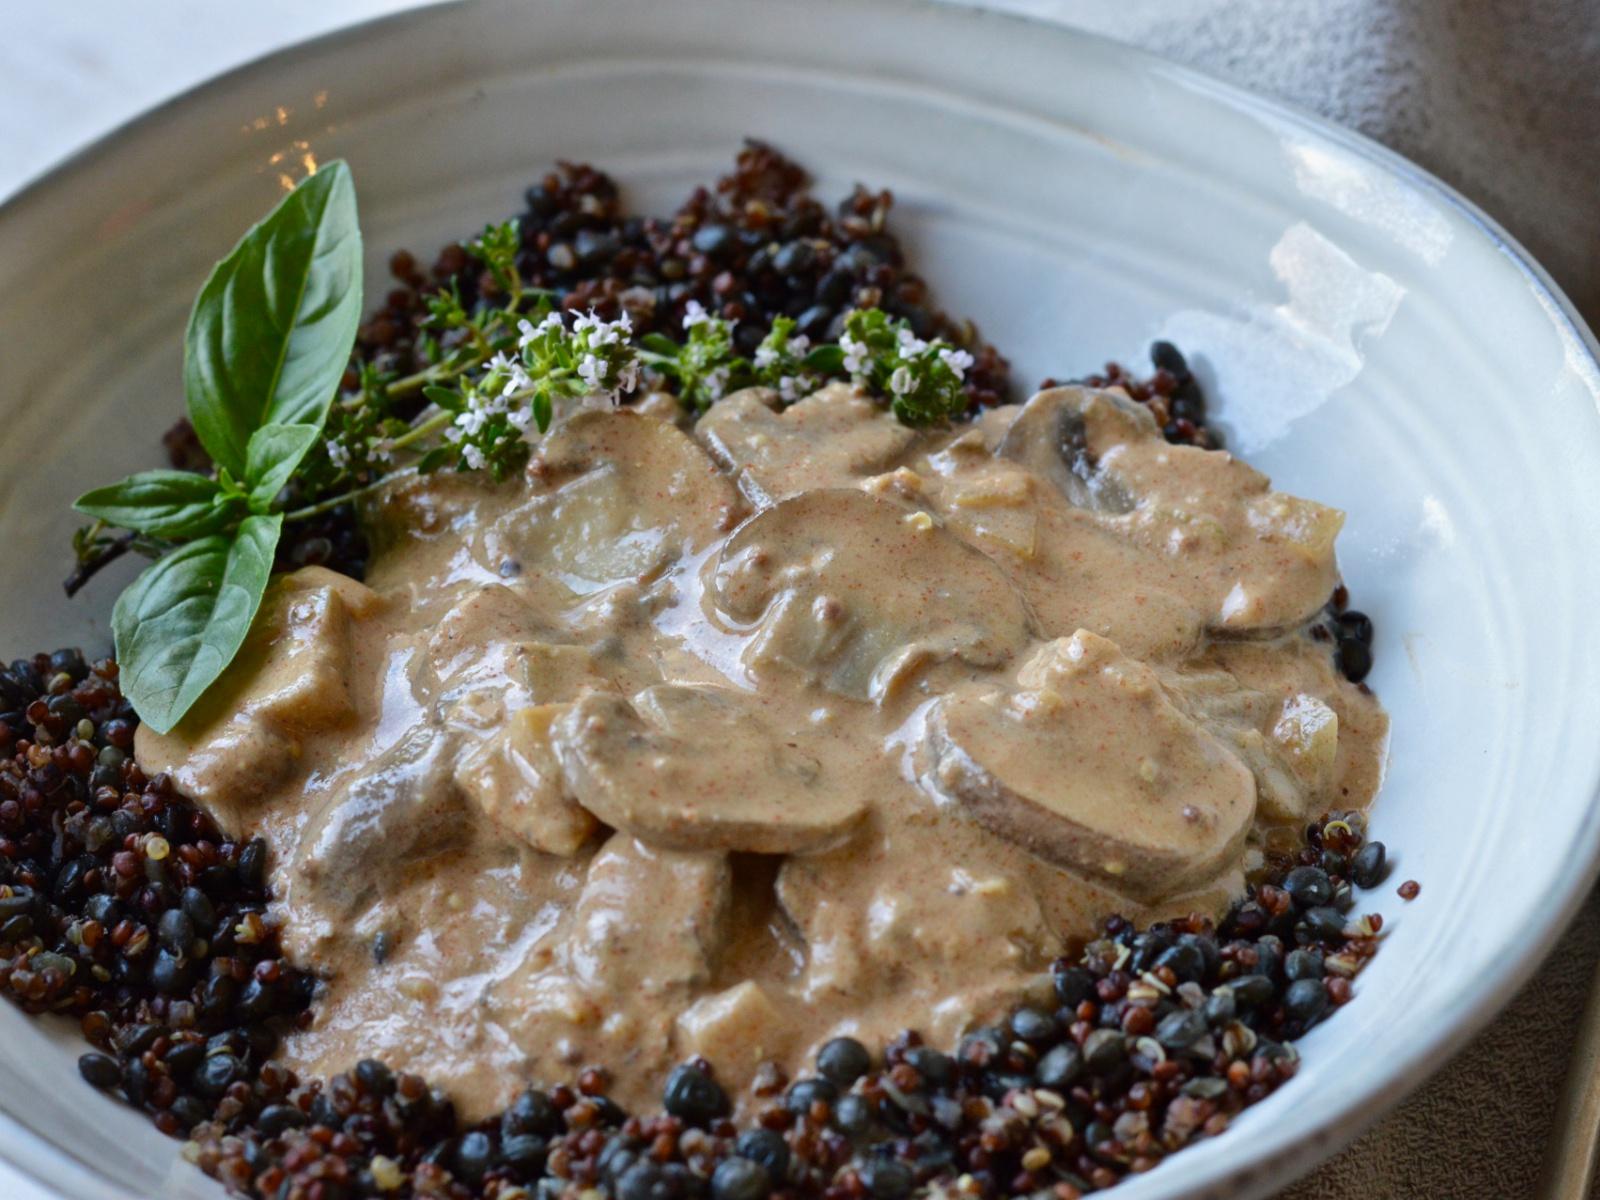 A creamy mushroom dish with rich flavor